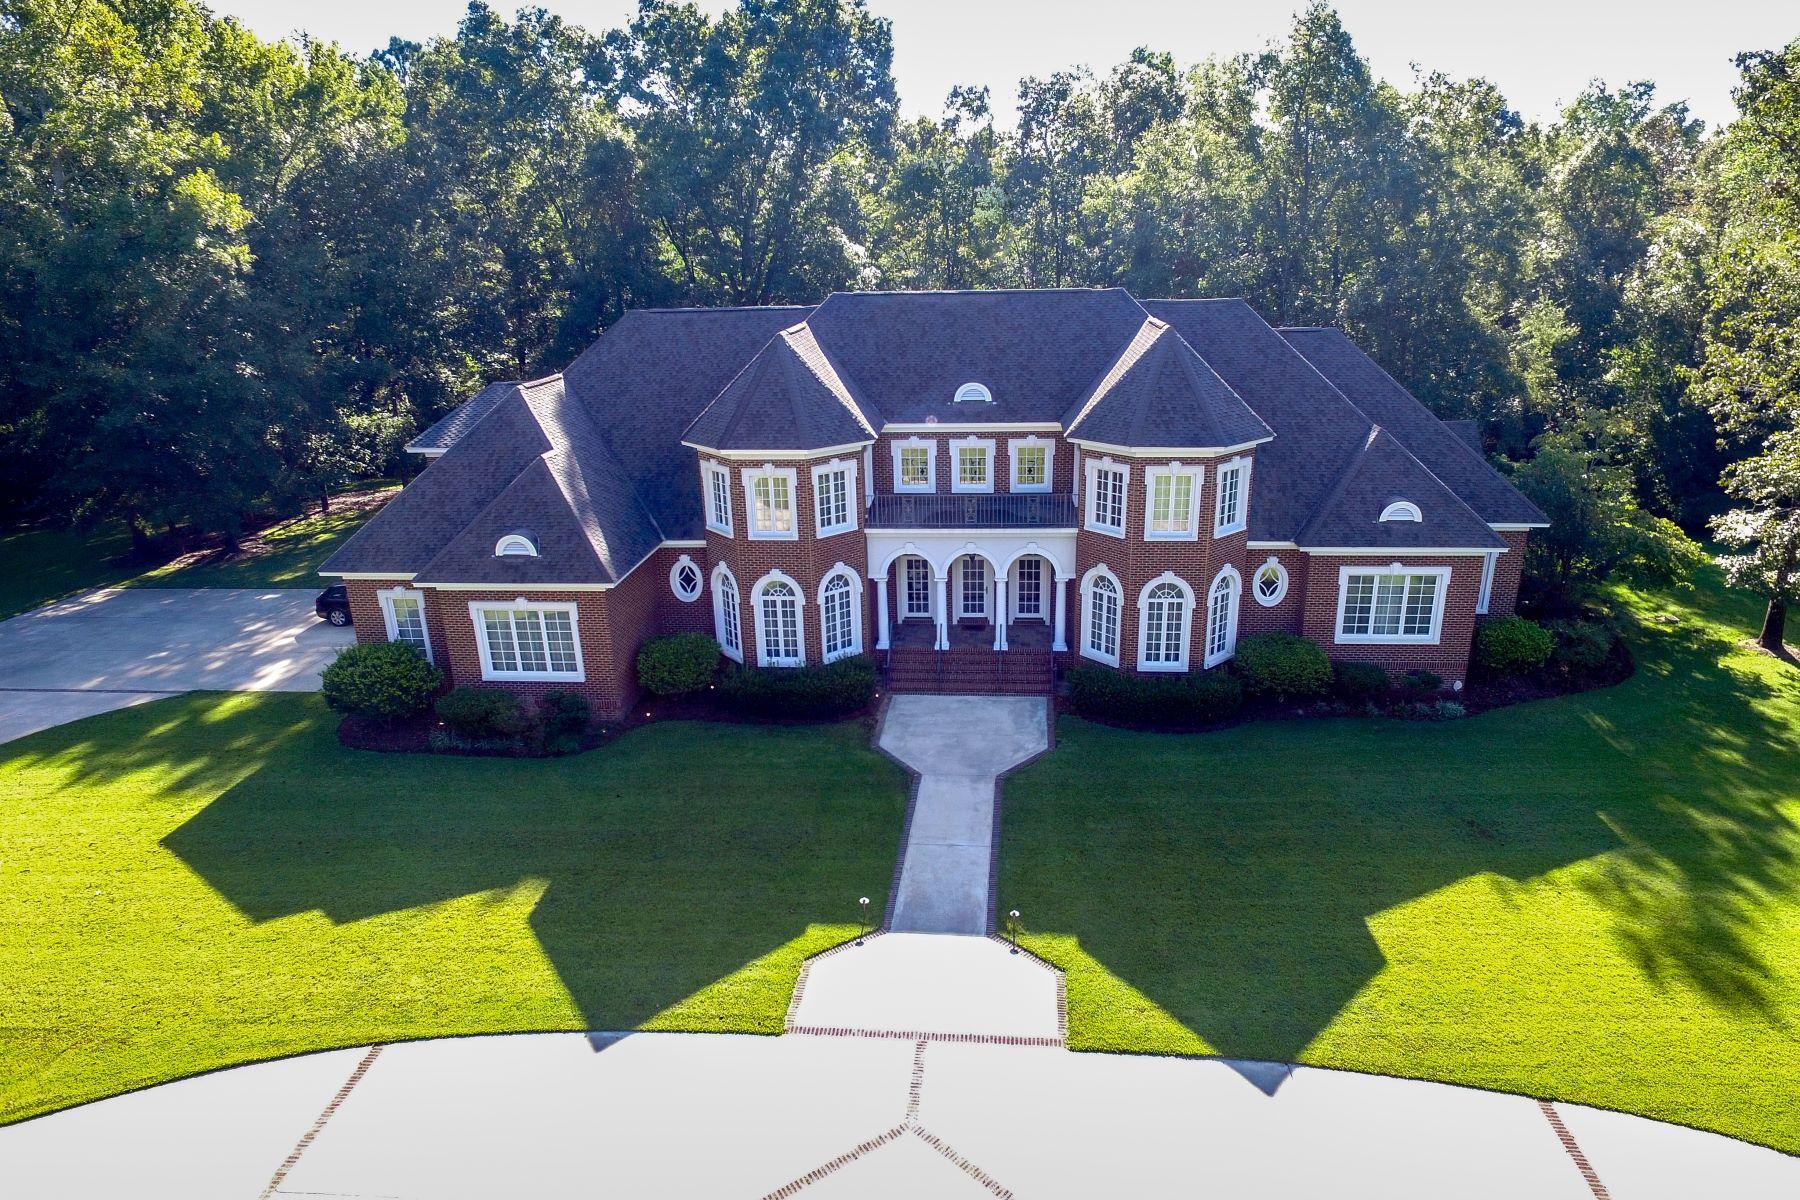 独户住宅 为 销售 在 35 S Duke Street 35 S Dukes Street, Summerton, 南卡罗来纳州, 29148 美国